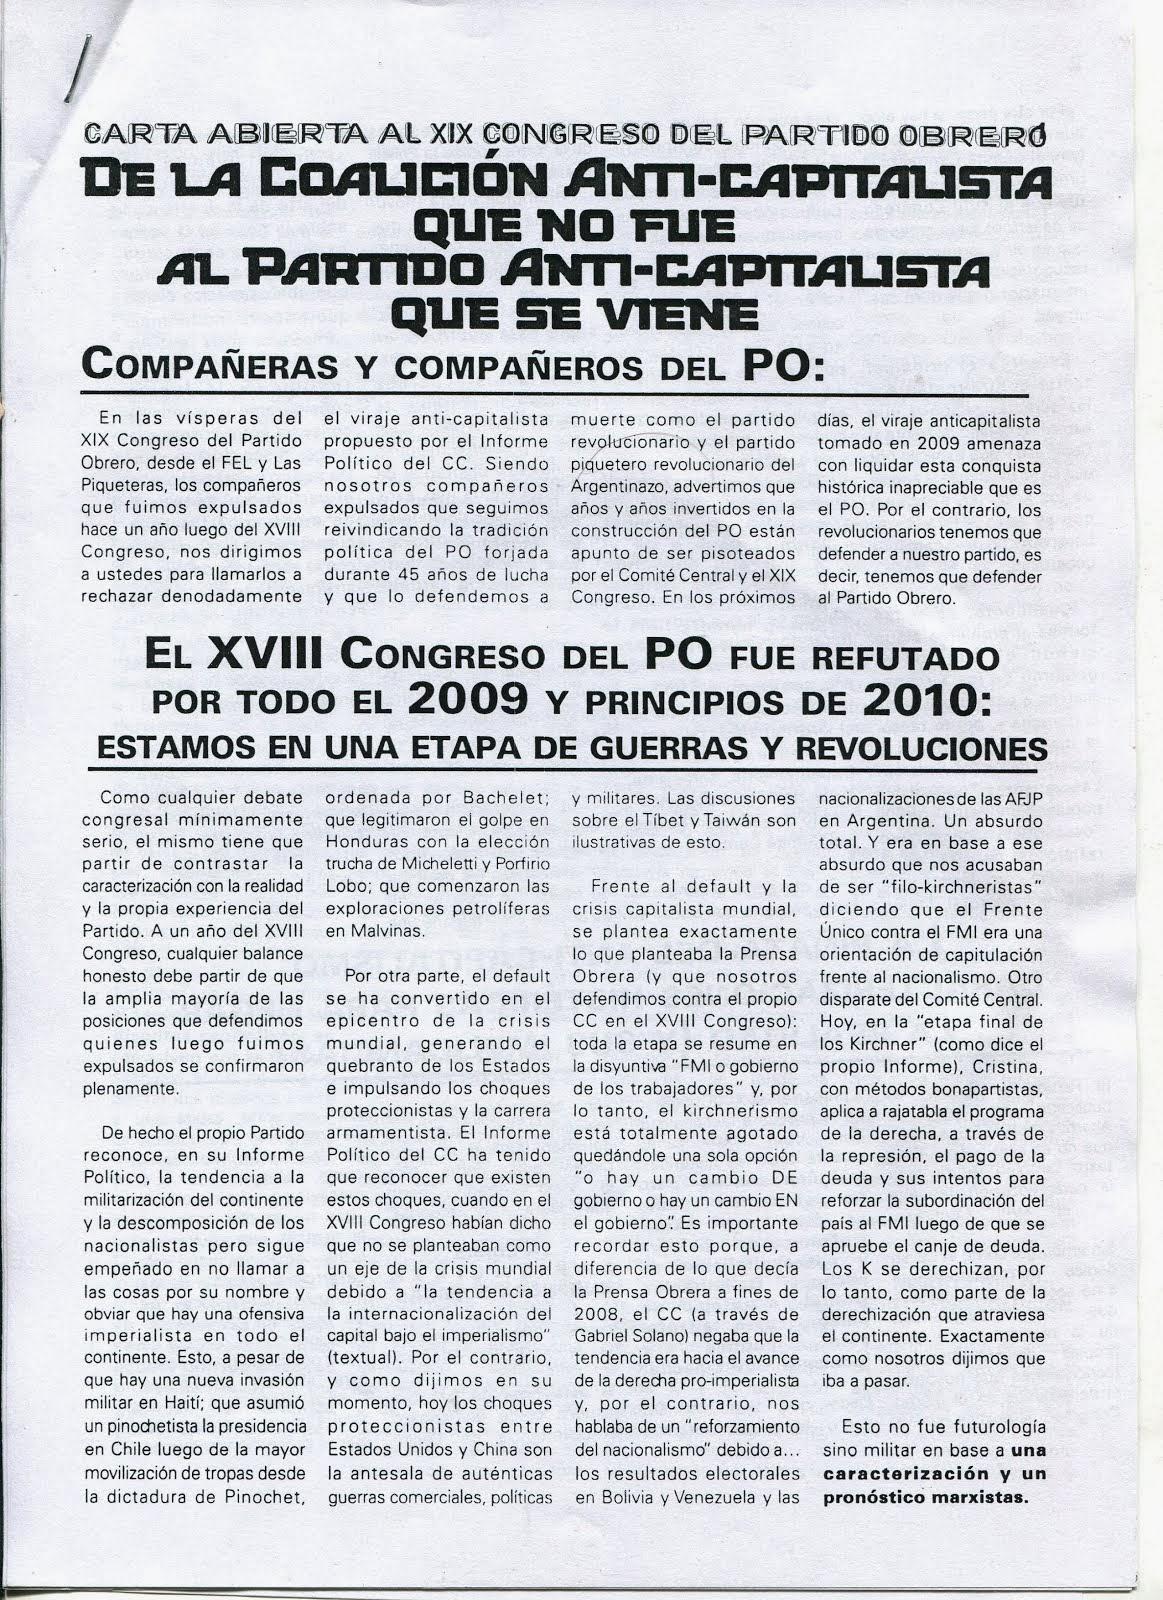 Carta abierta al XIX Congreso del PO